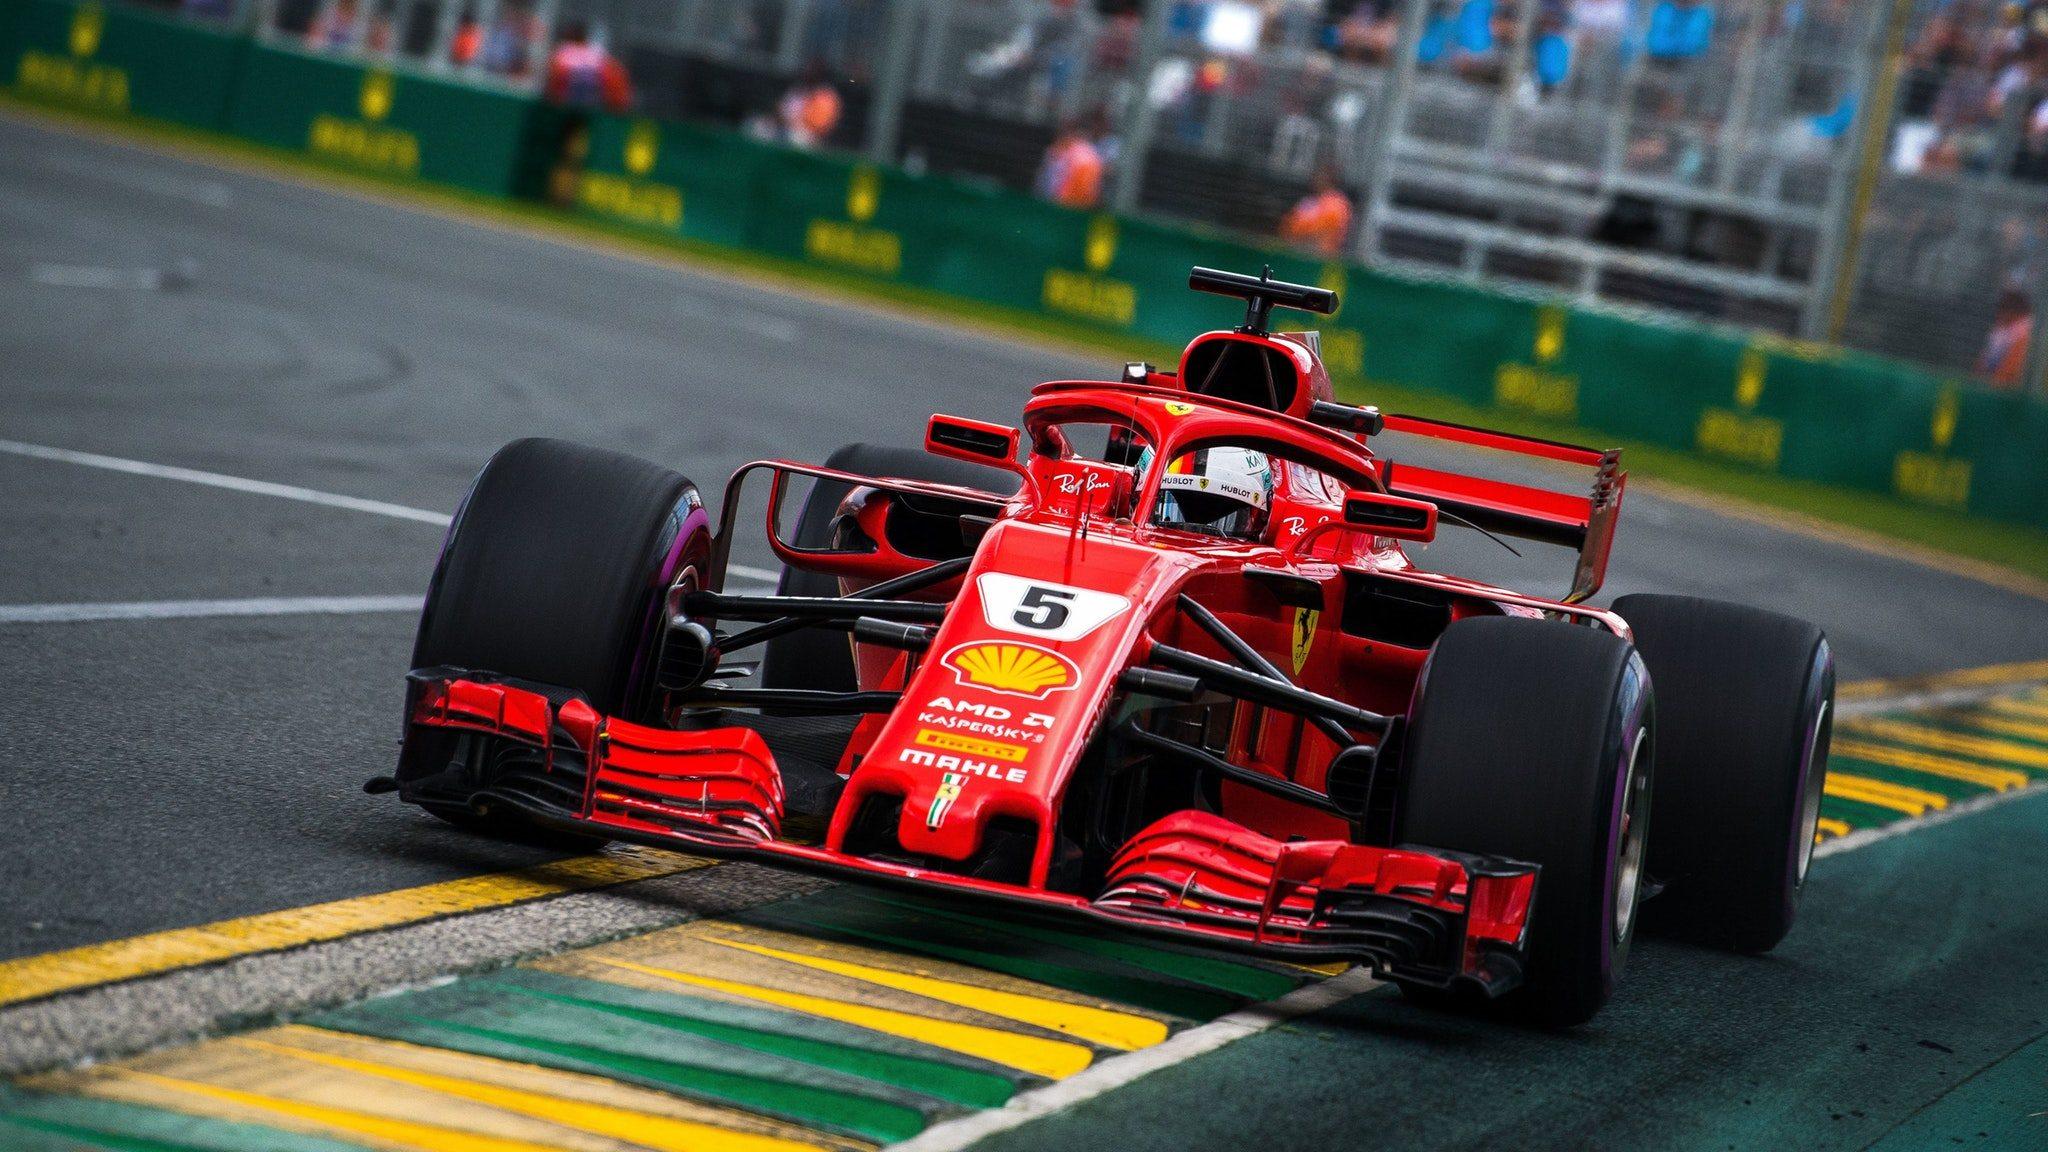 Αυλαία στη F1 με το Αυστραλιανό Grand Prix